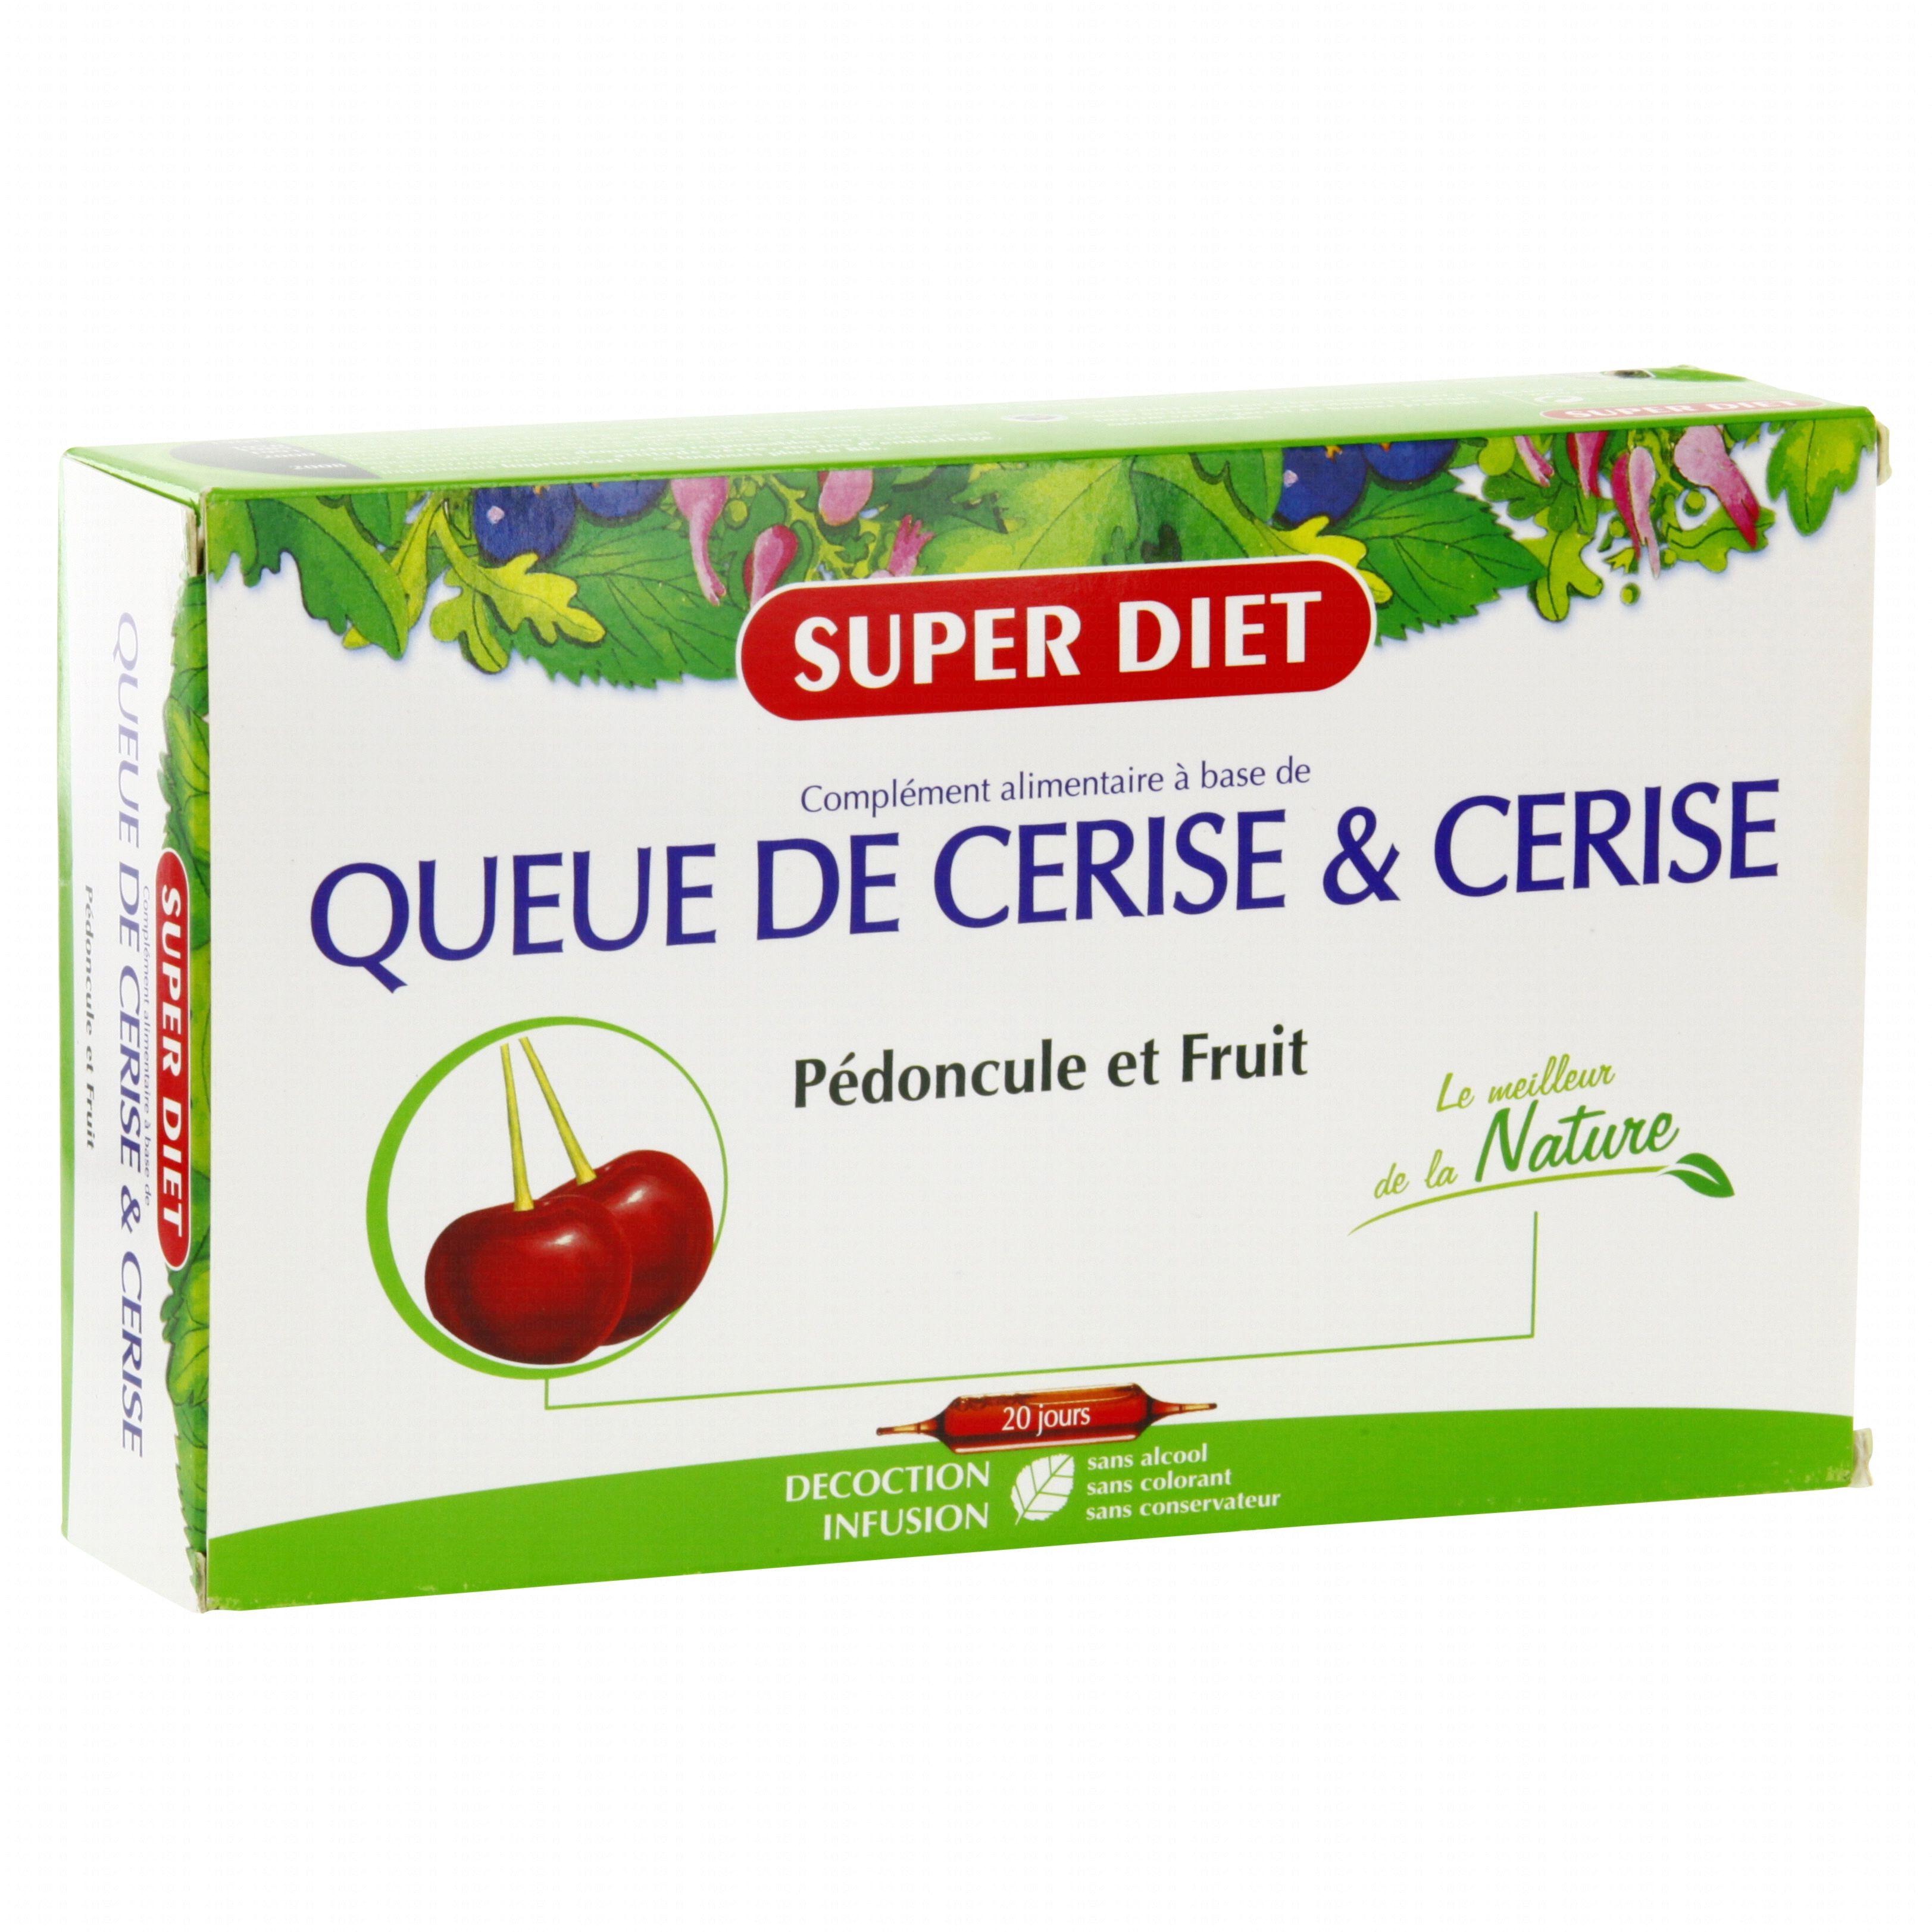 Queue de cerise pour maigrir – Régime pauvre en calories